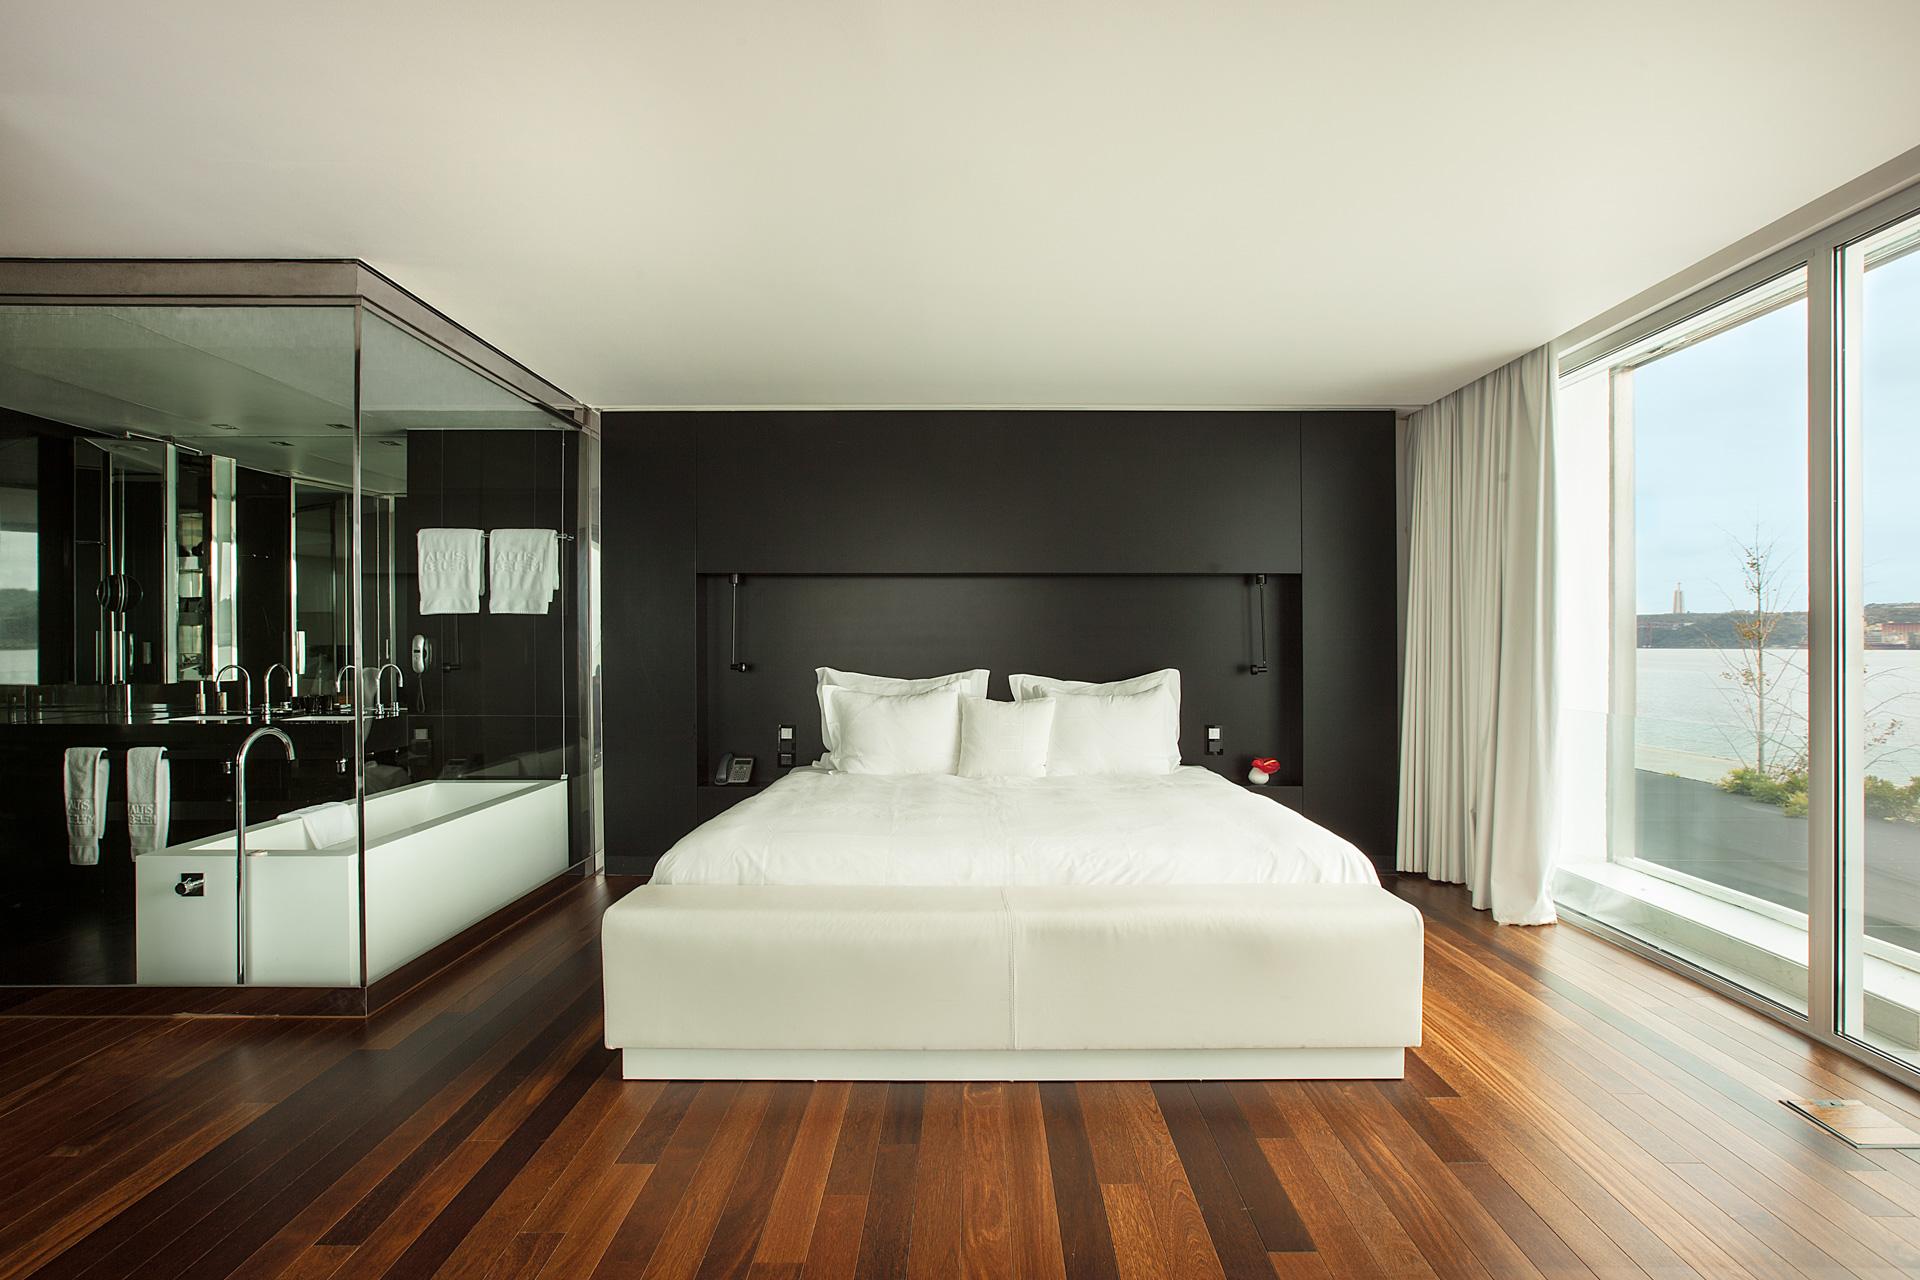 hotels_01